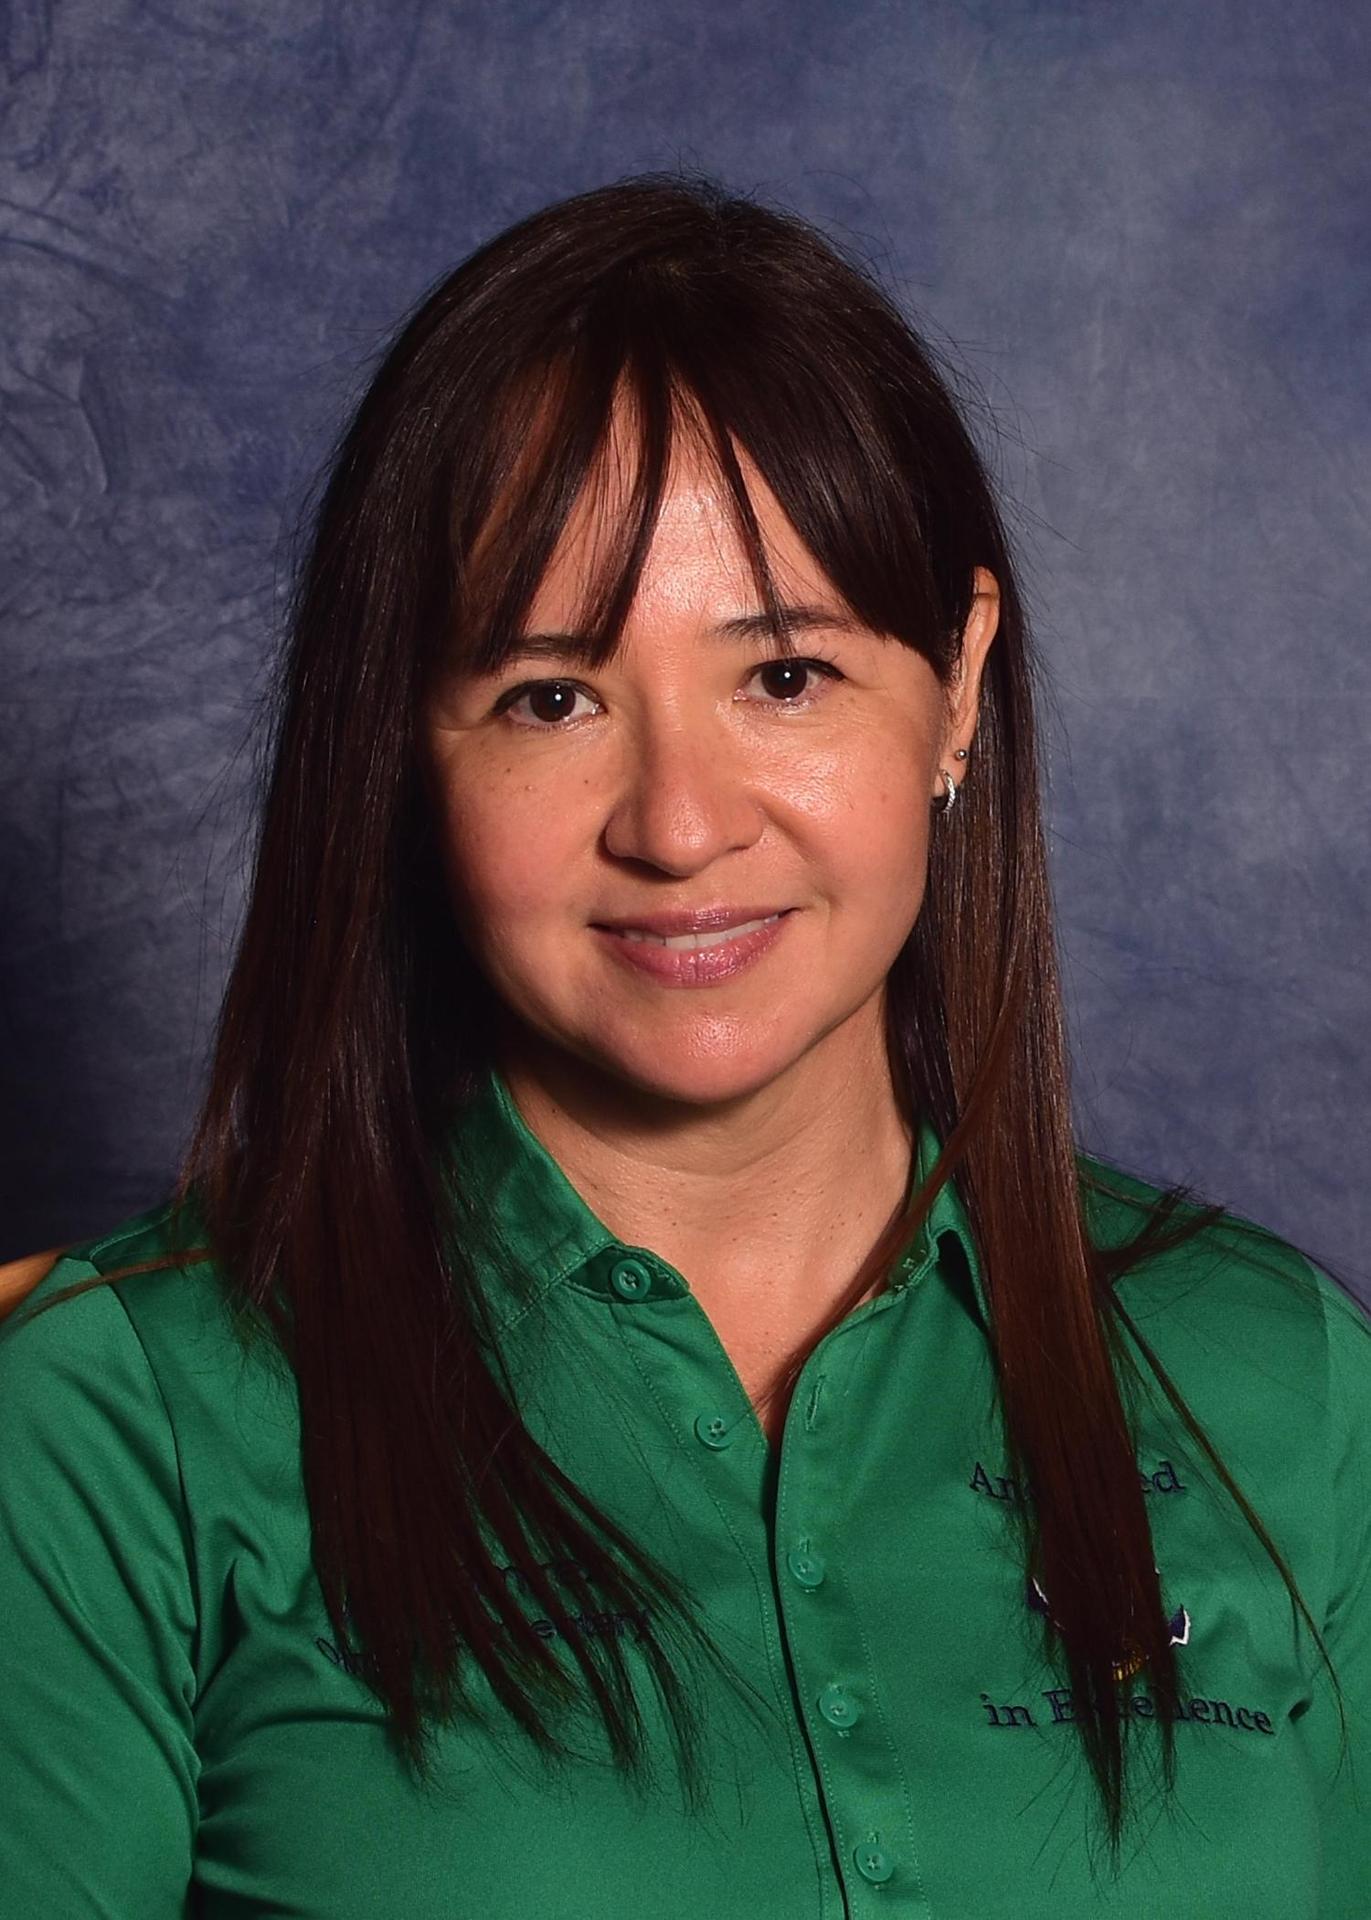 S. Ramirez